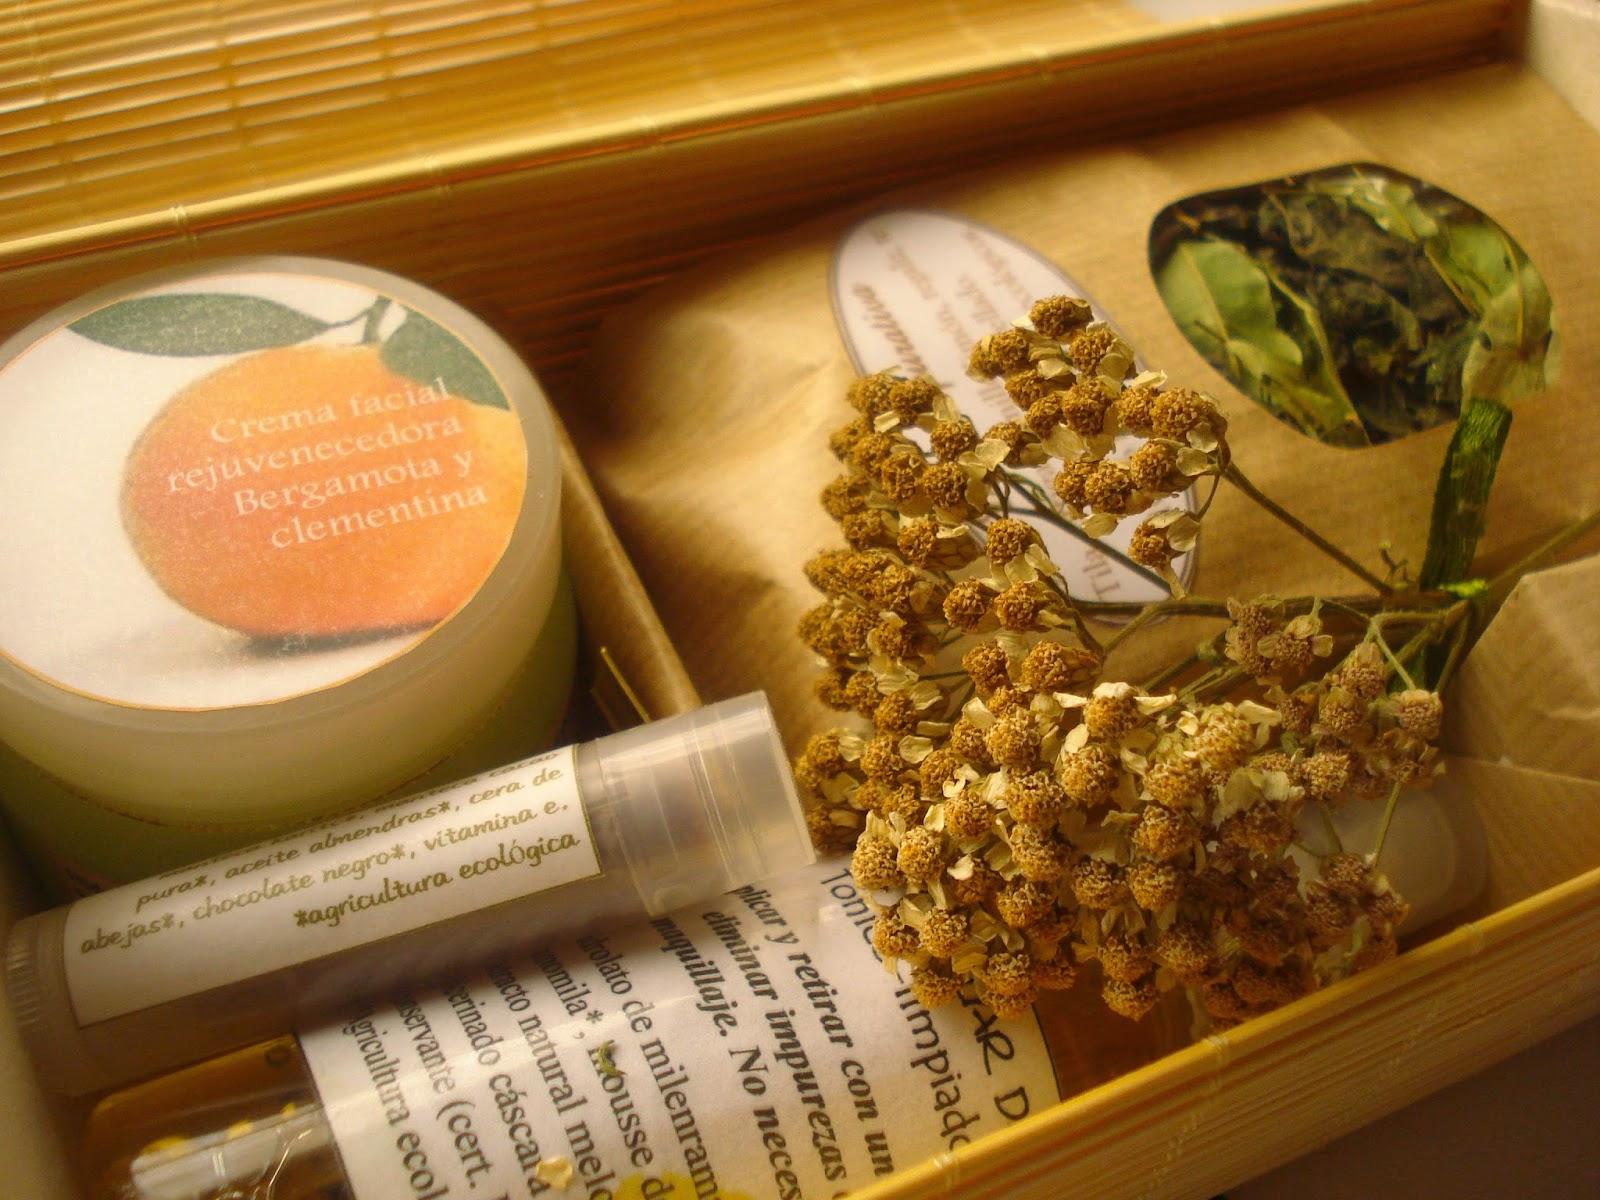 Caja regalo artesanal cosmética ecológica